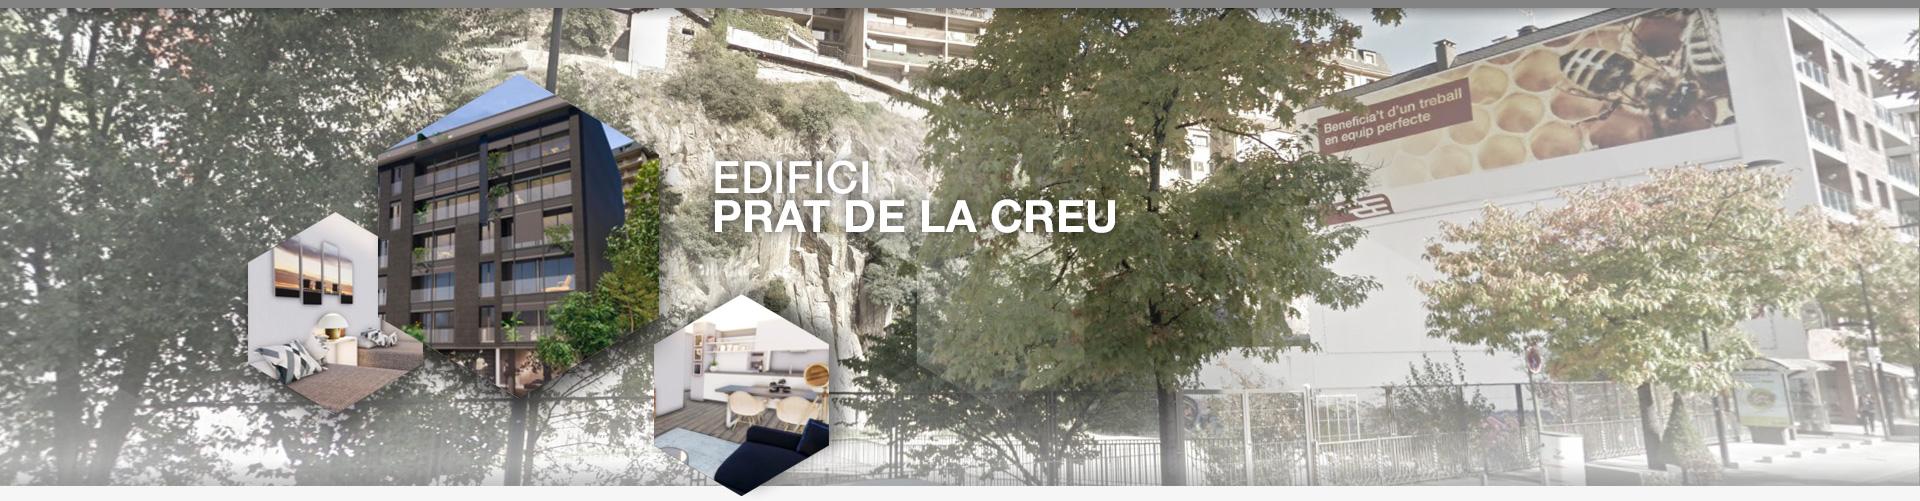 slide_venda_prat_de_la_creu